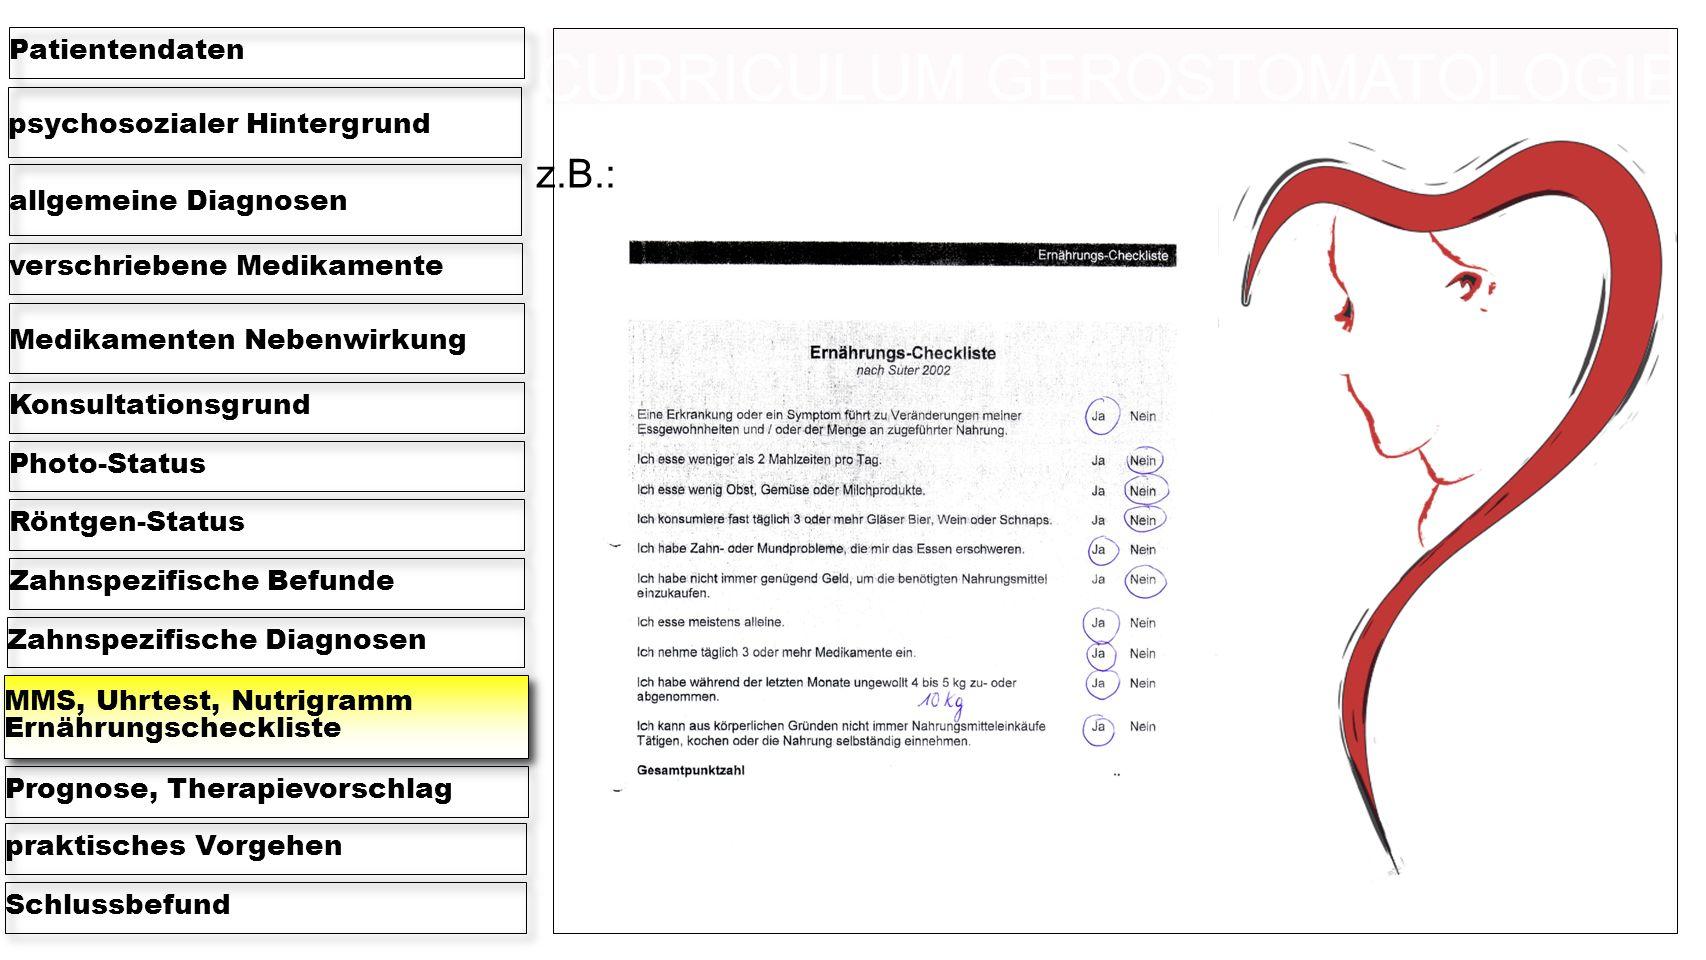 psychosozialer Hintergrund Patientendaten allgemeine Diagnosen verschriebene Medikamente Medikamenten Nebenwirkung KonsultationsgrundPhoto-StatusRöntgen-StatusZahnspezifische BefundeZahnspezifische Diagnosen MMS, Uhrtest, Nutrigramm Ernährungscheckliste Prognose, Therapievorschlagpraktisches VorgehenSchlussbefund z.B.: CURRICULUM GEROSTOMATOLOGIE